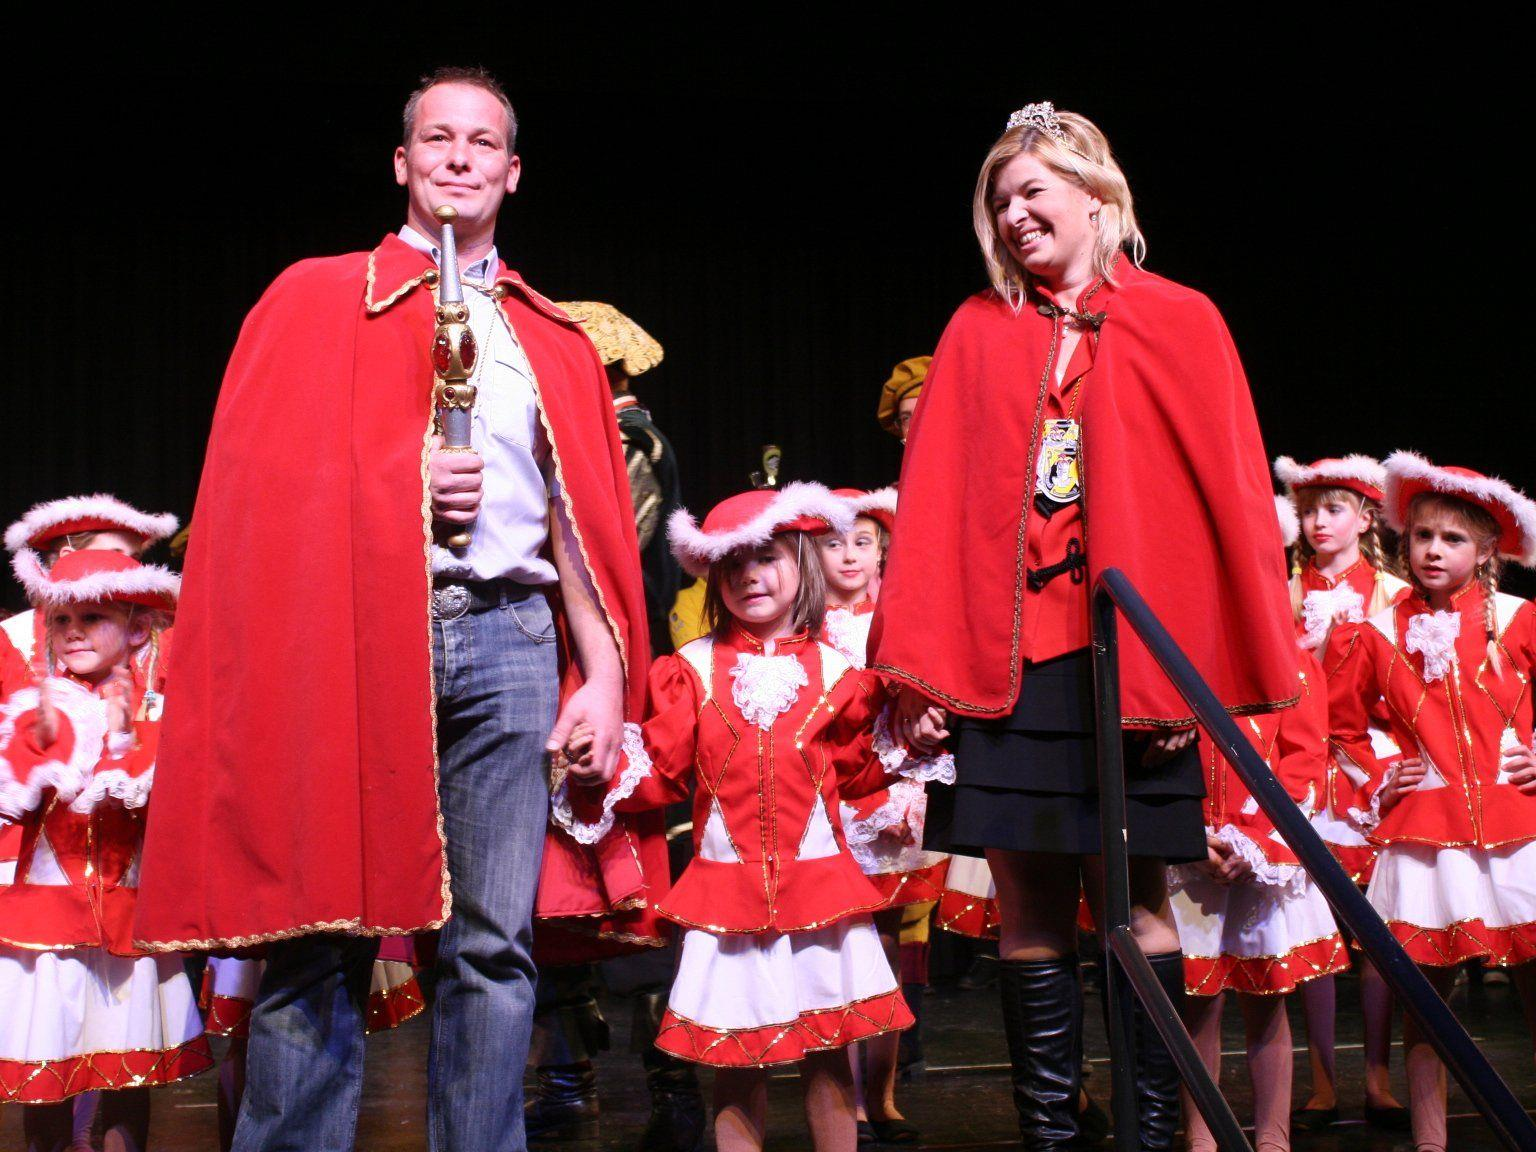 Prinezssin Sarah und Prinz Markus sind die neuen Faschingsprinzen